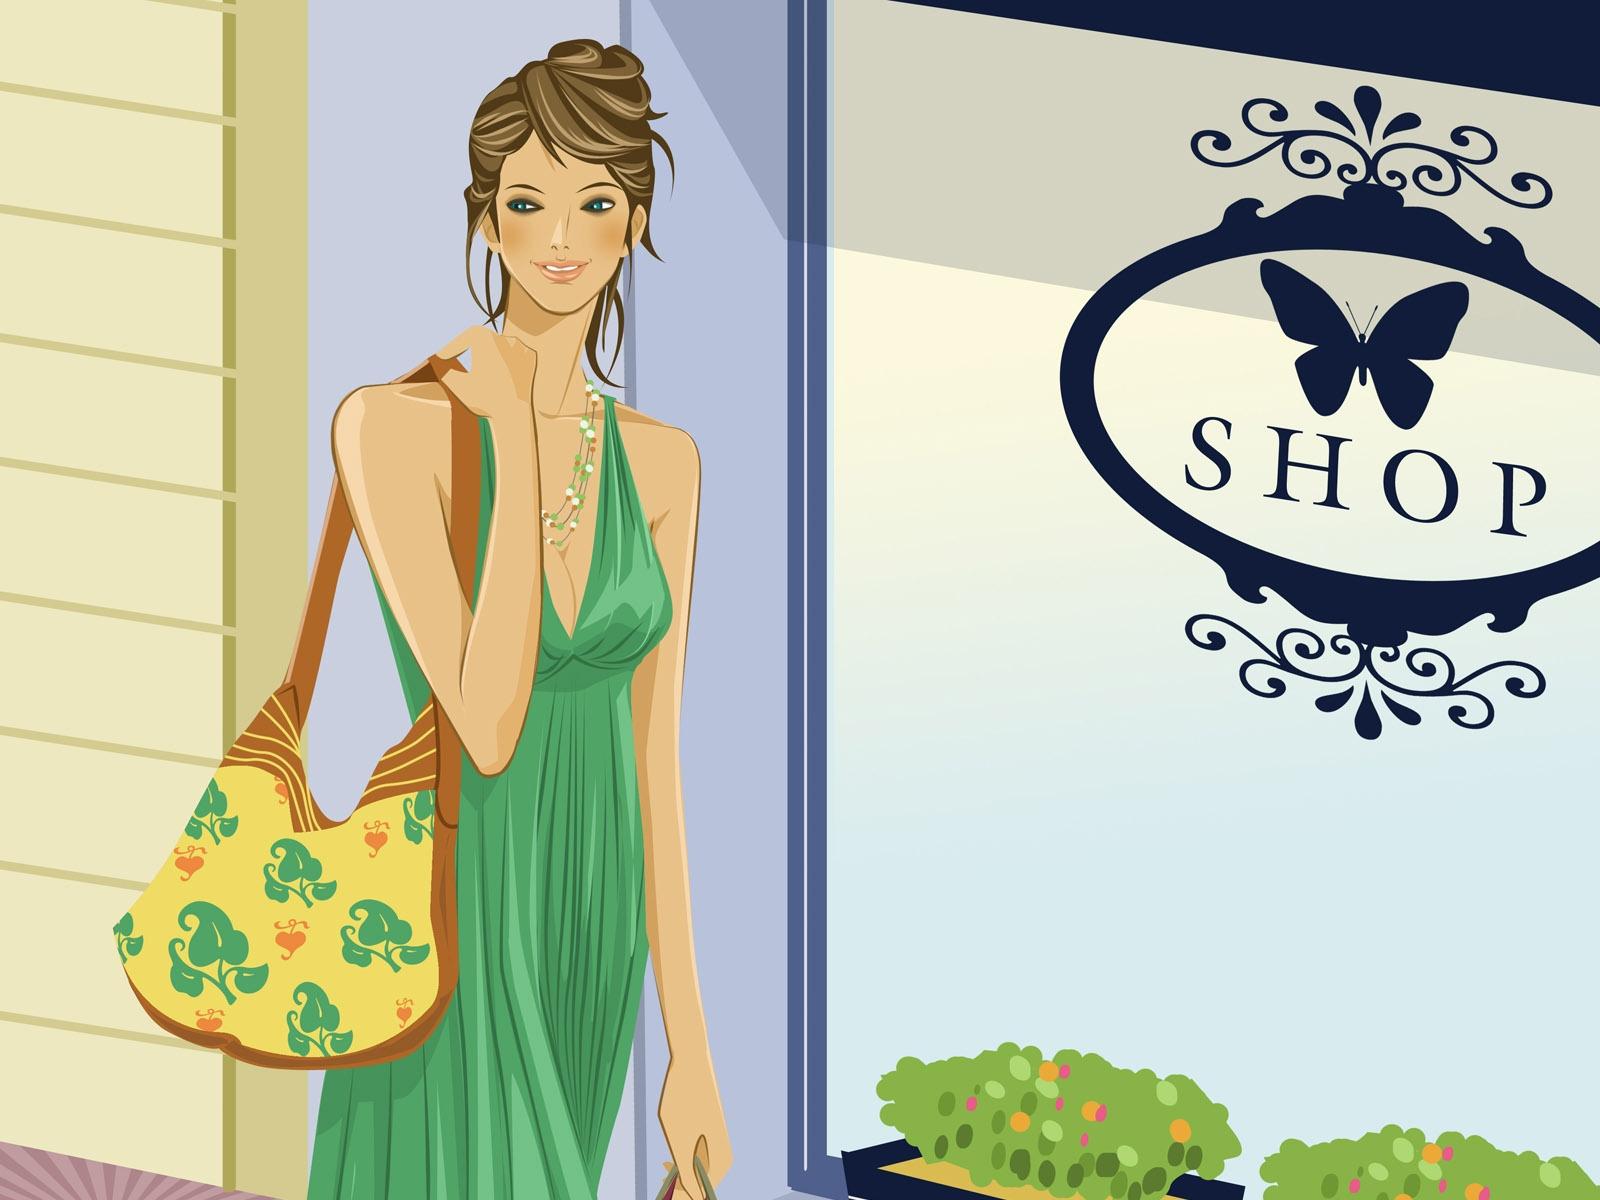 Картинки для аватарки магазина